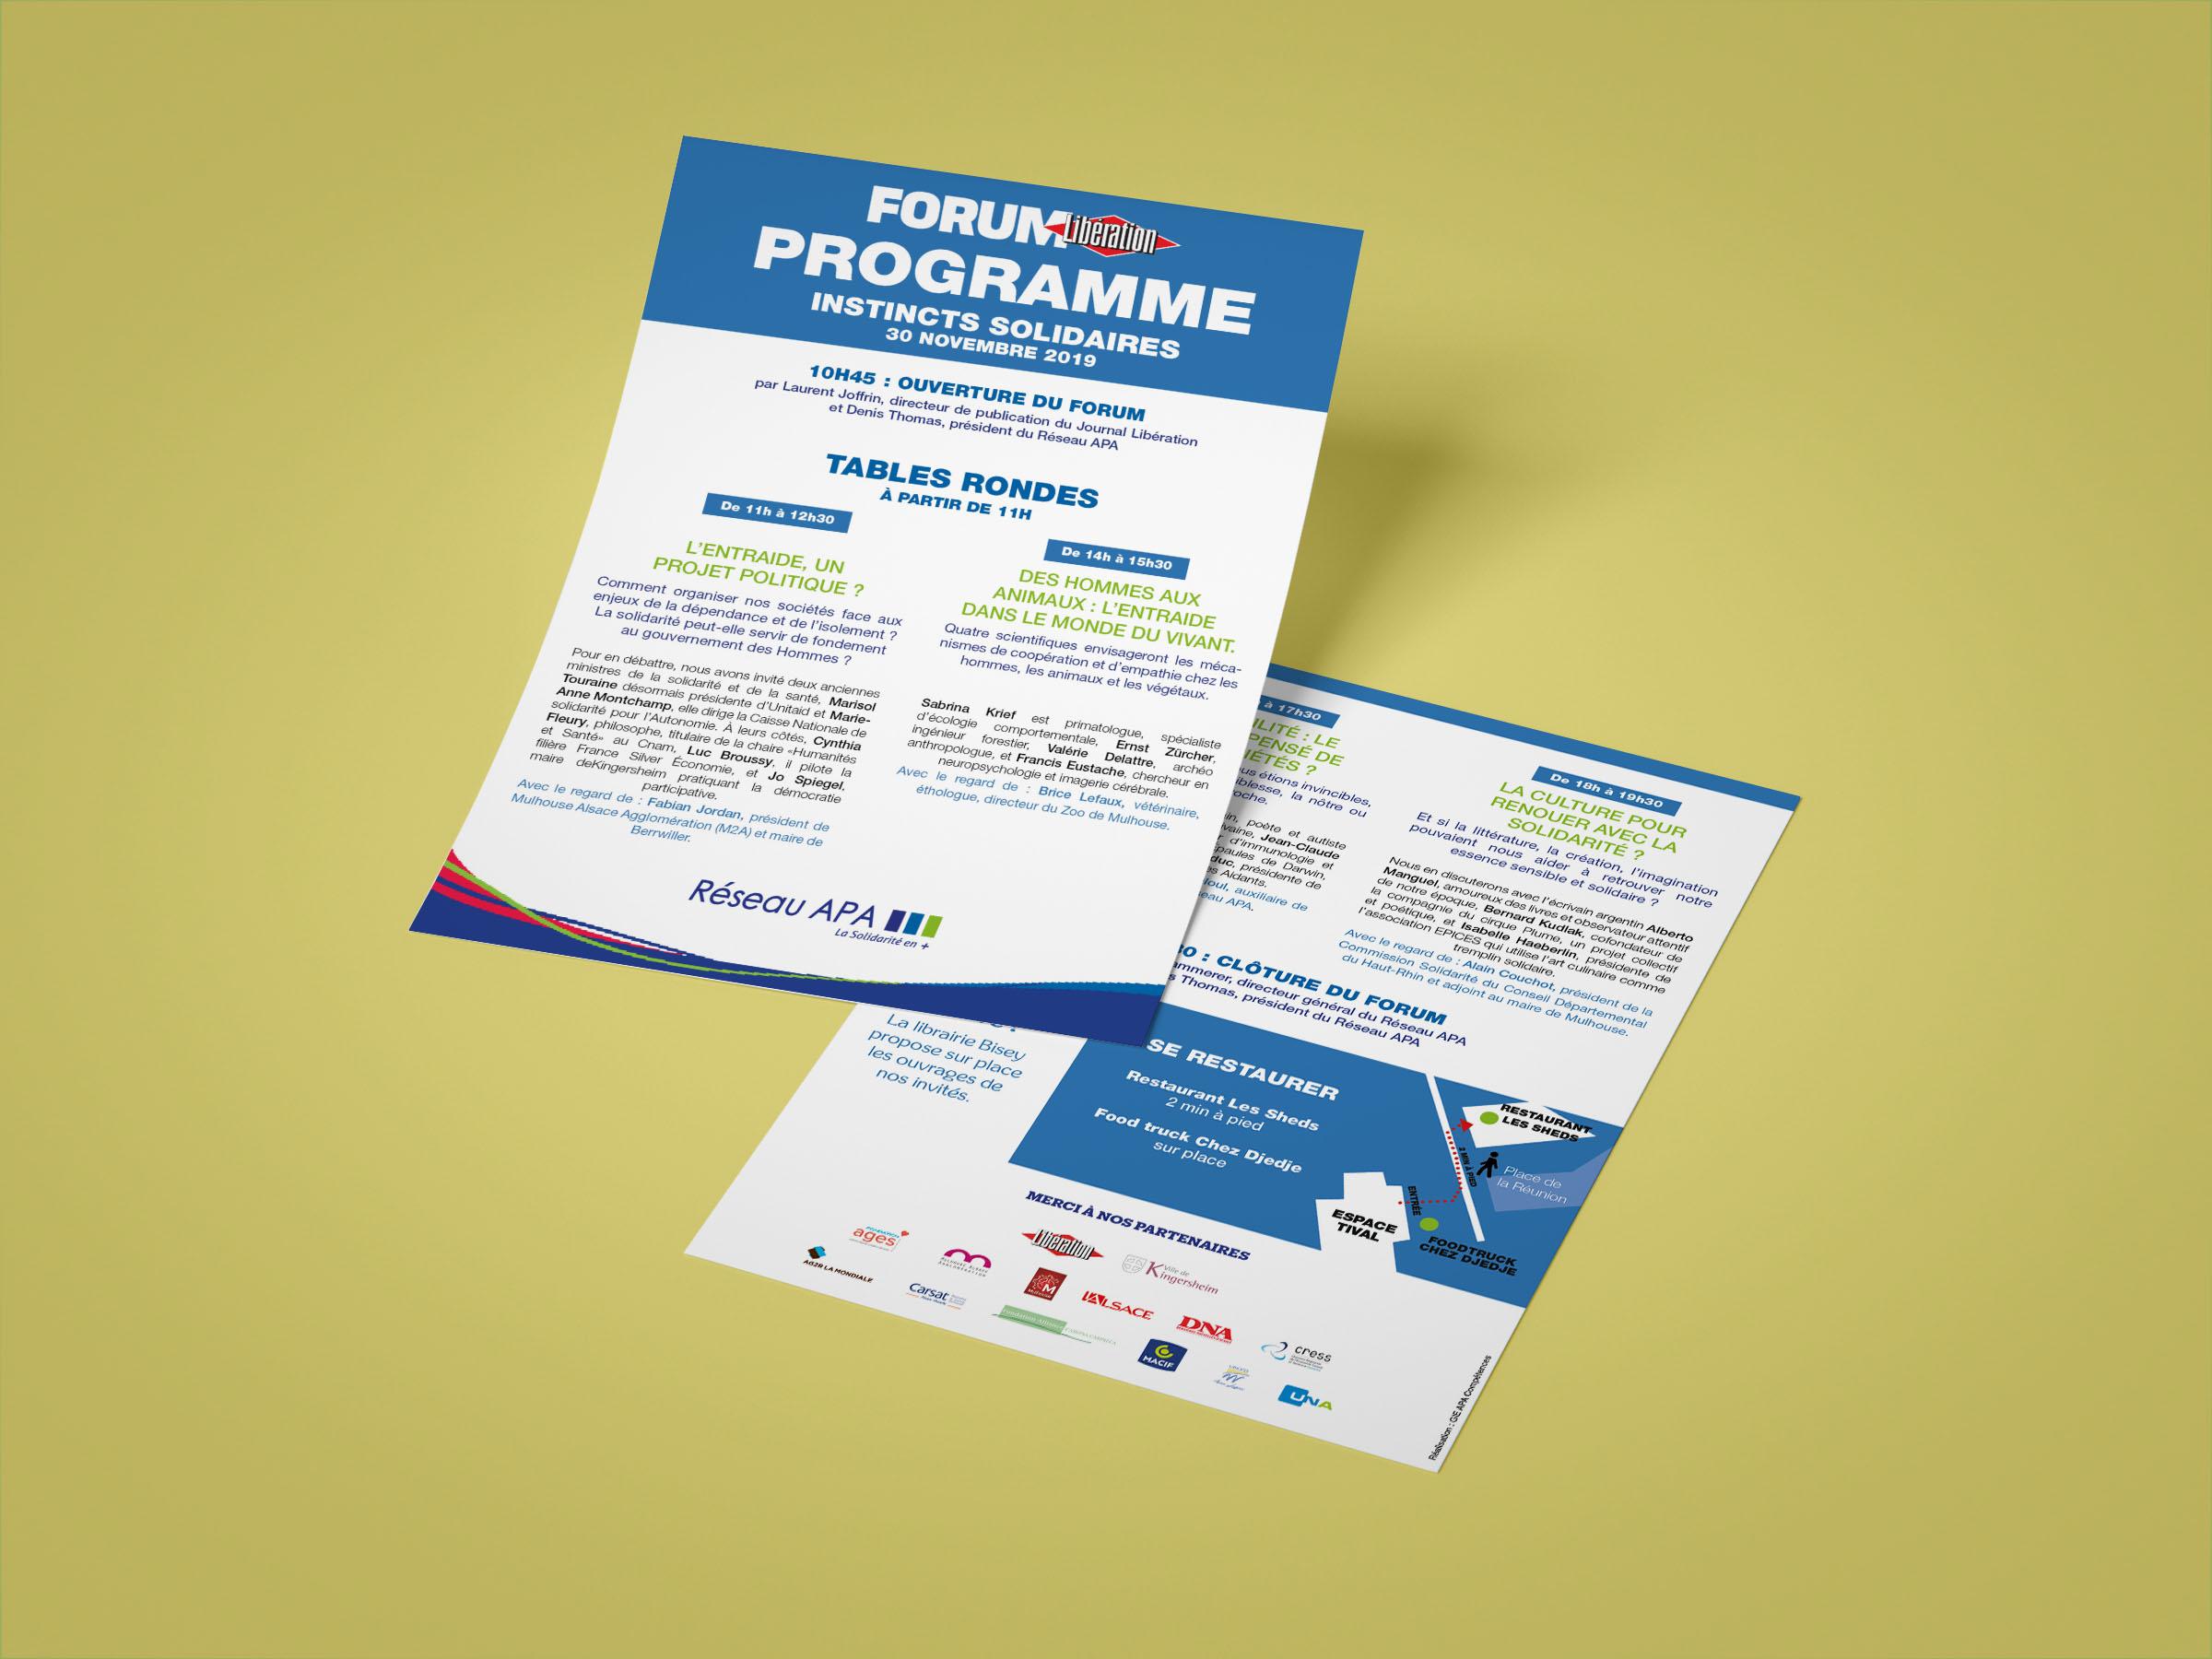 RESEAU APA • Flyer programme Forum Libération (partenariat ponctuel)